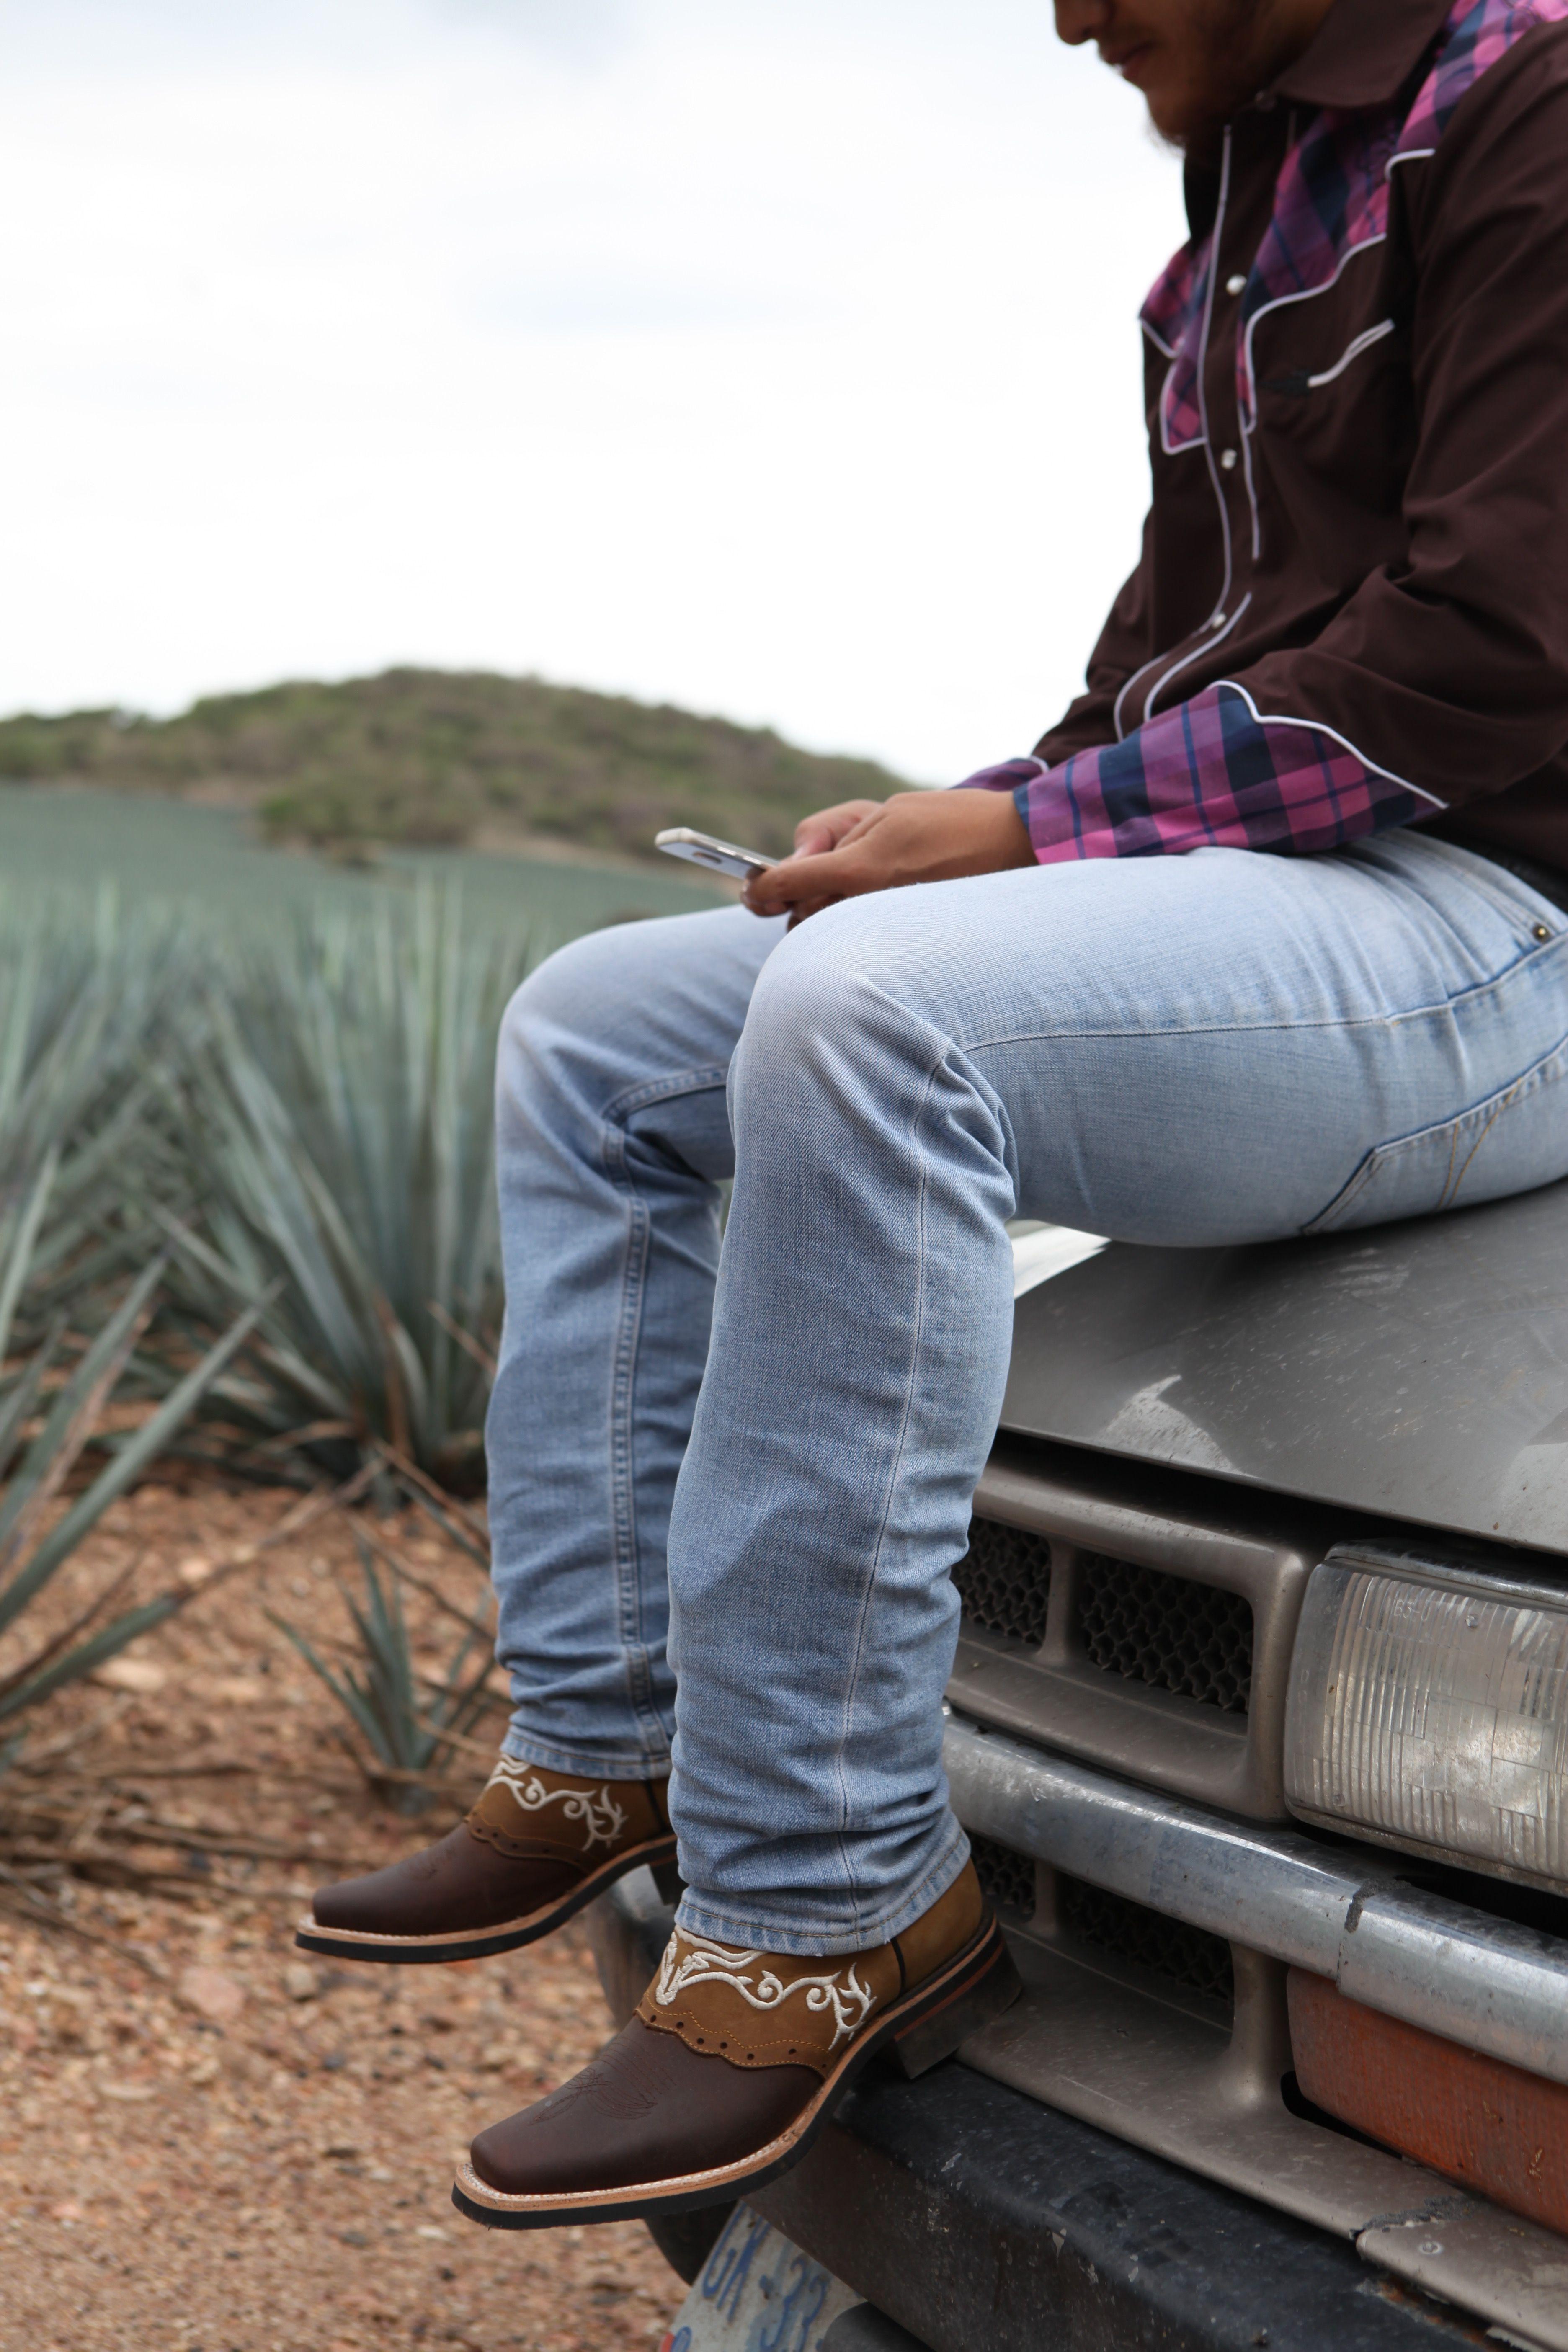 Bota Rodeo Hombre El General Www Elgeneralmexico Com Outfits Men